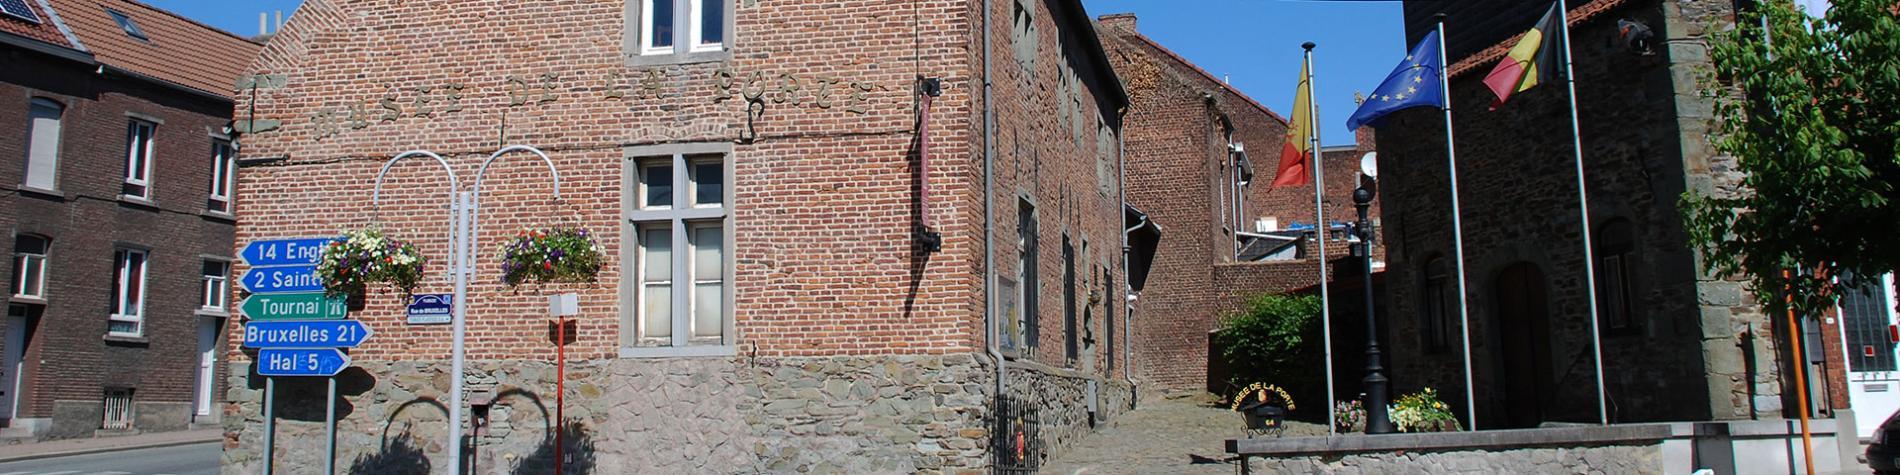 Musée - Archéologie - Art - Histoire - Tubize